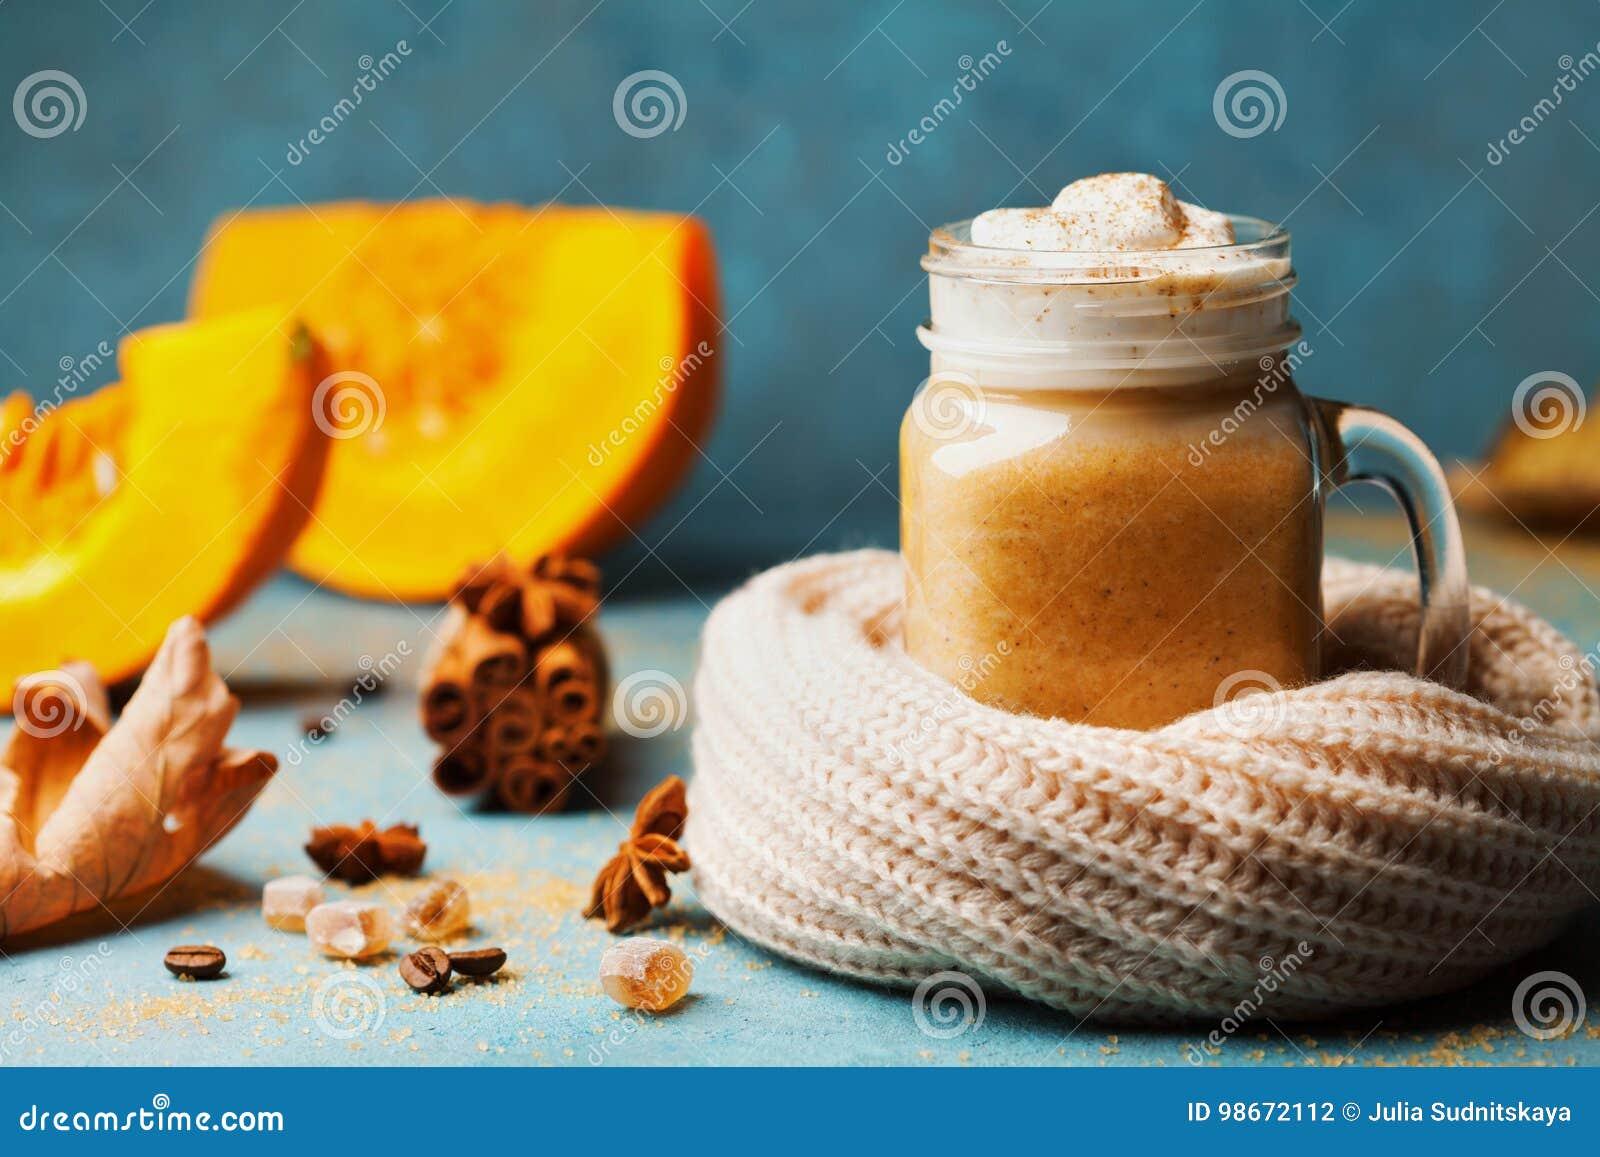 Η κολοκύθα καρύκευσε latte ή ο καφές στο γυαλί διακόσμησε το πλεκτό μαντίλι στο τυρκουάζ εκλεκτής ποιότητας υπόβαθρο Ζεστό ποτό φ